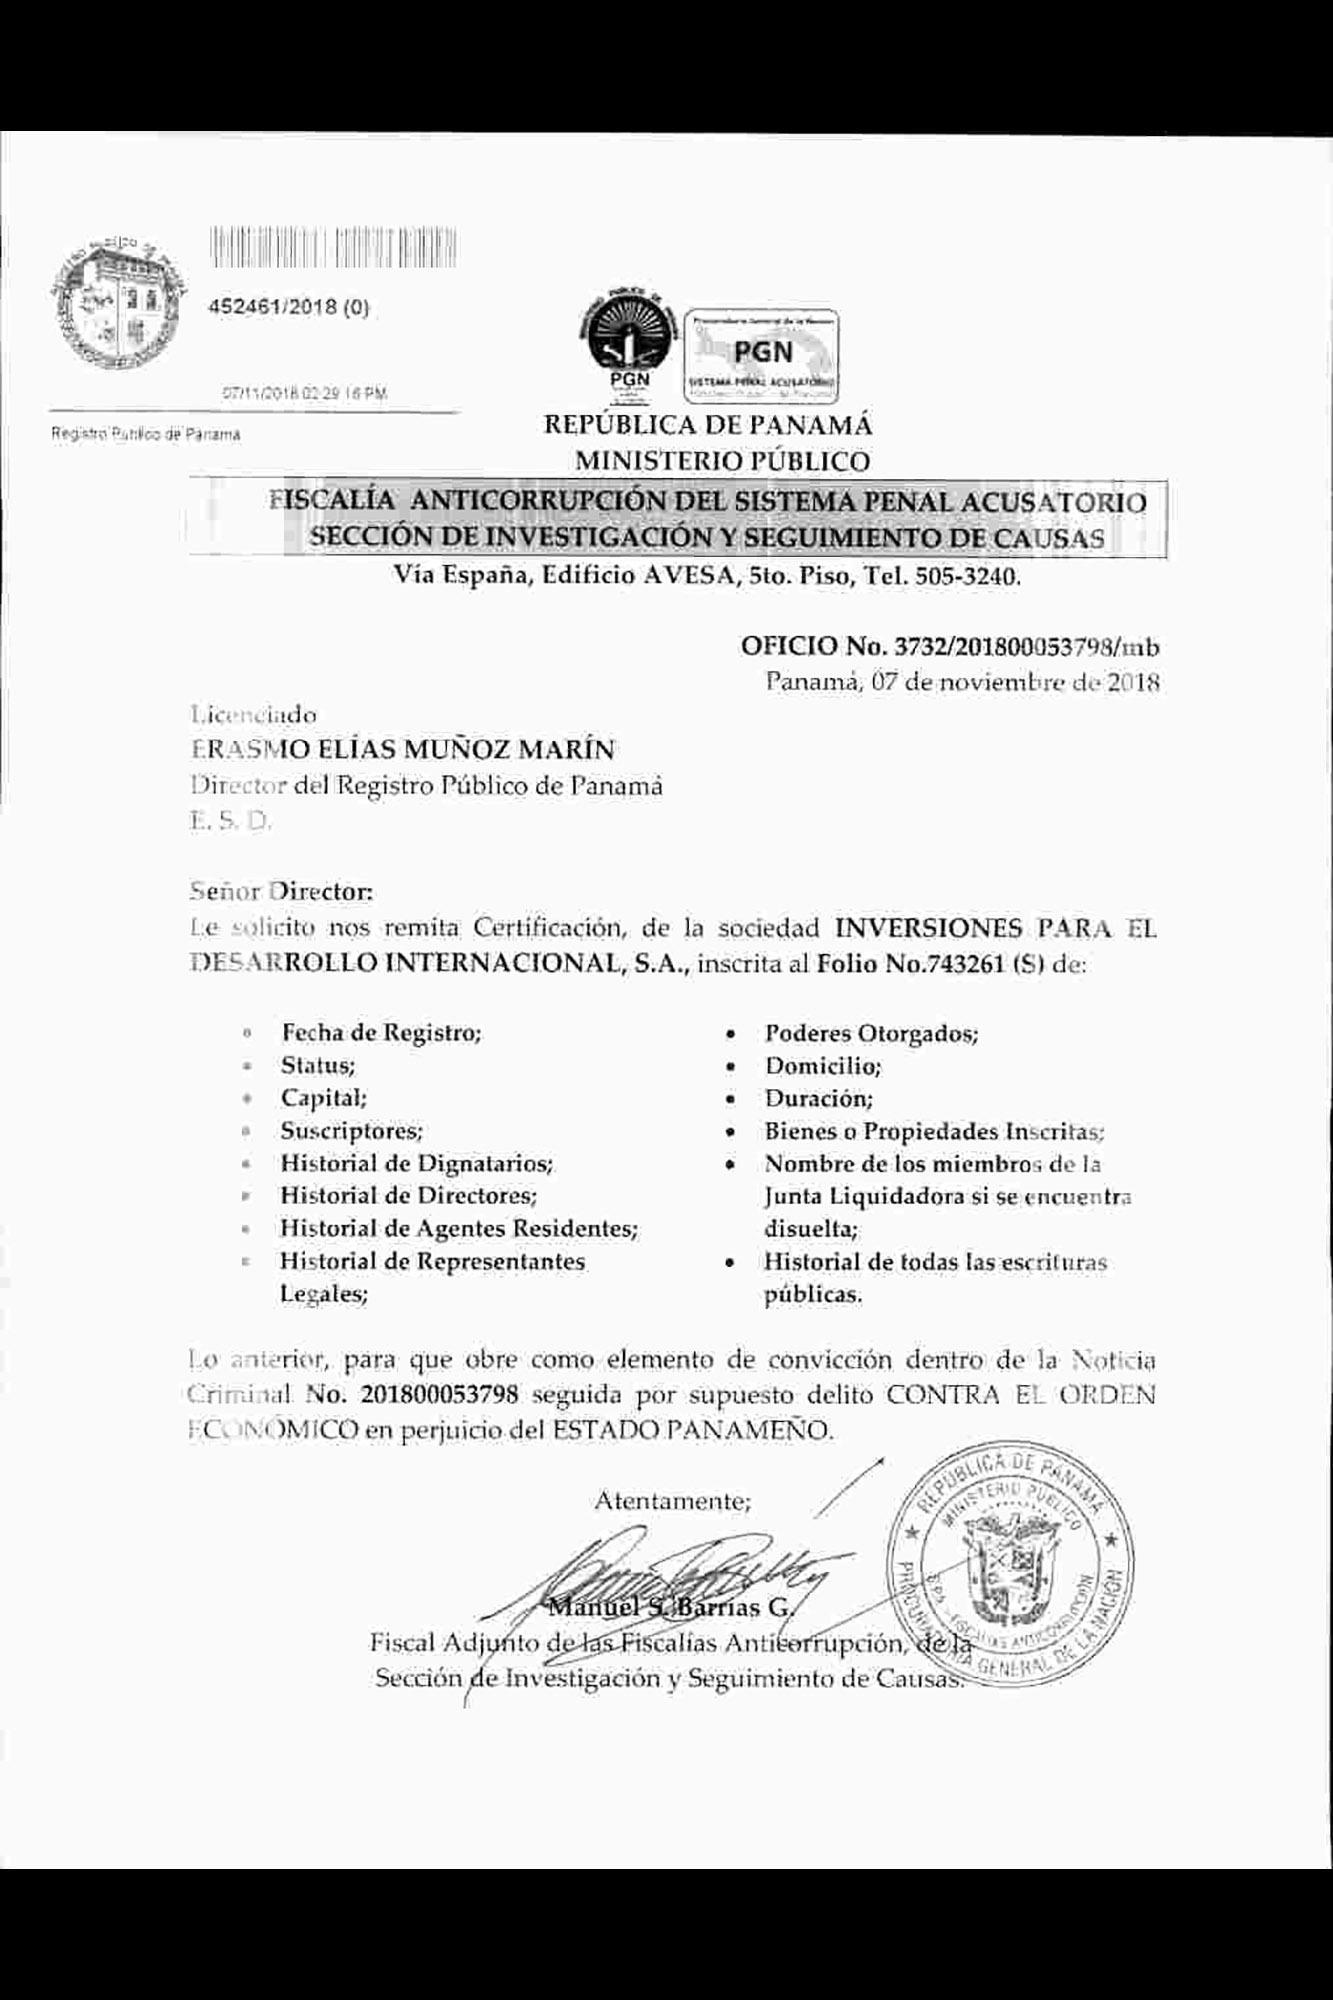 Este es uno de los dos oficios que el Ministerio Público envió al Registro Público de Panamá, en el cual solicita a detalle información de empresas relacionadas con Alba Petróleos.